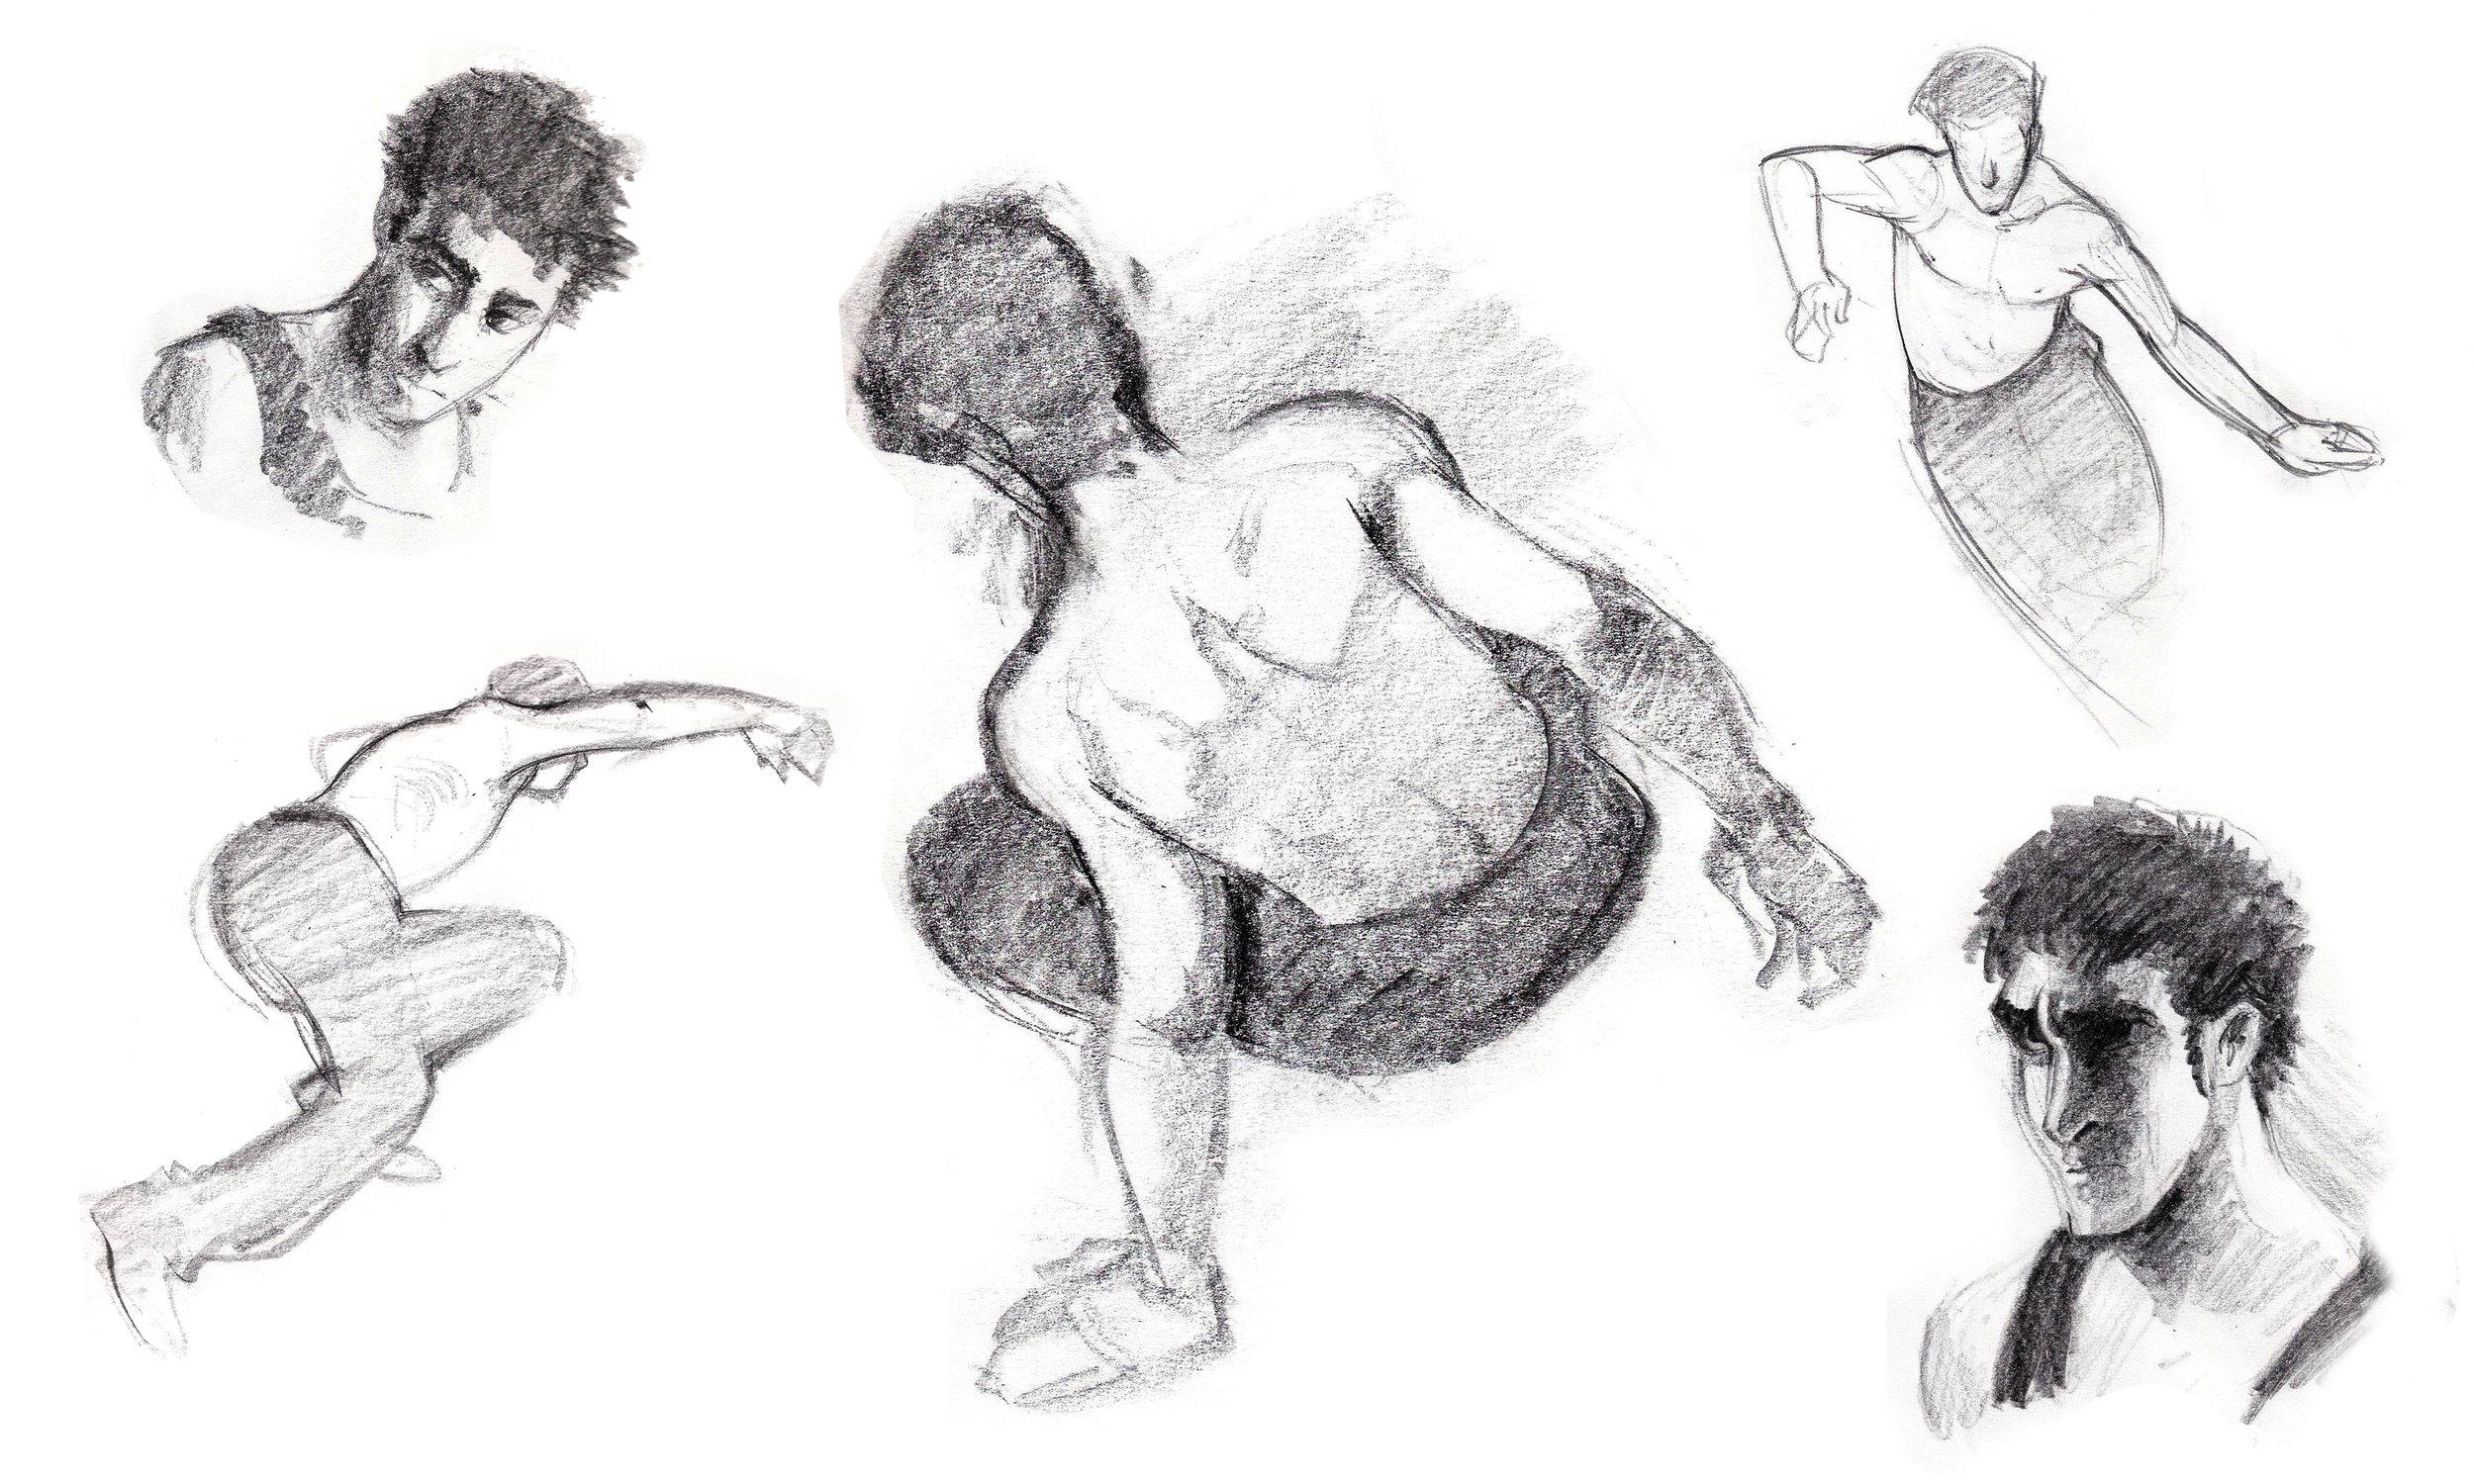 sketchesCOMP7.jpg